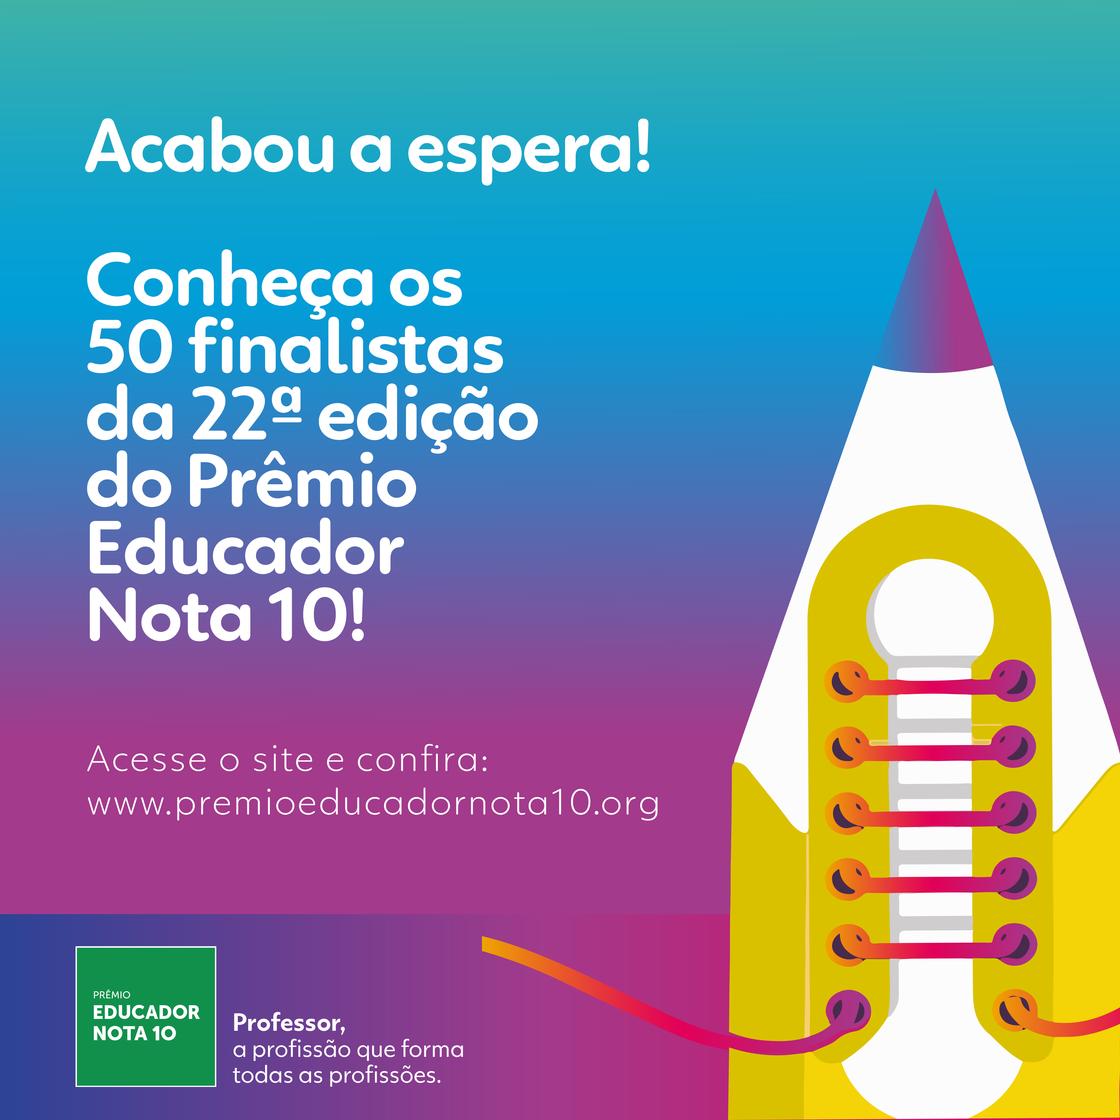 Divulgados os nomes dos 50 finalistas do Prêmio Educador Nota 10